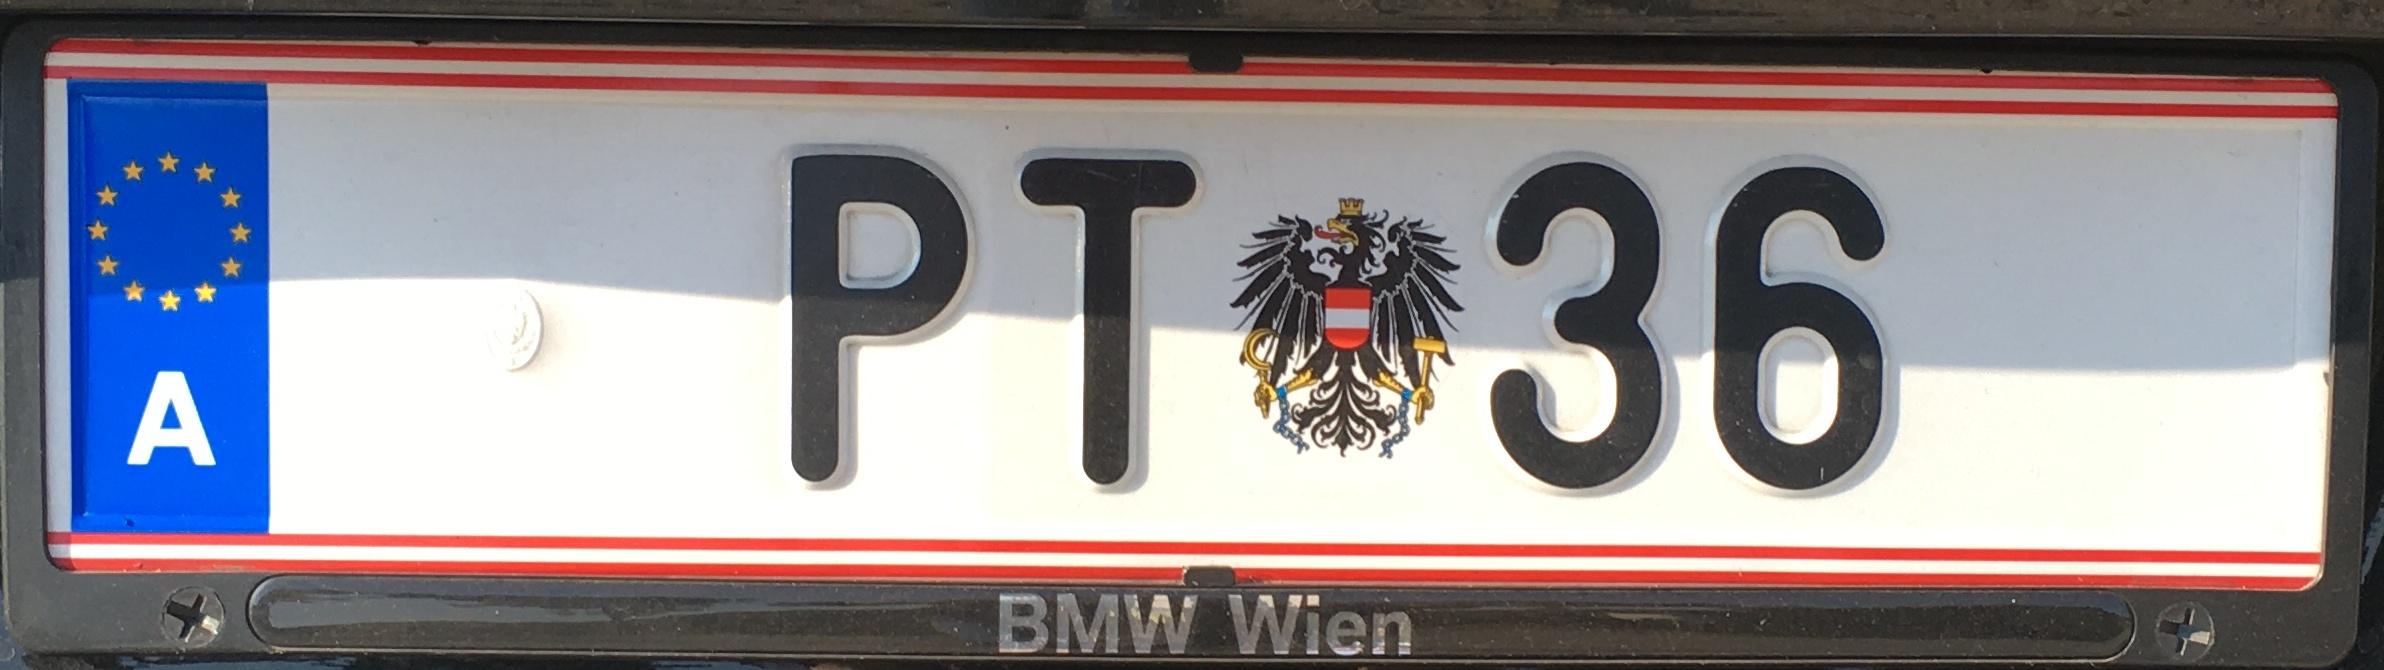 Registrační značka Rakousko - poštovní, foto: www.podalnici.cz